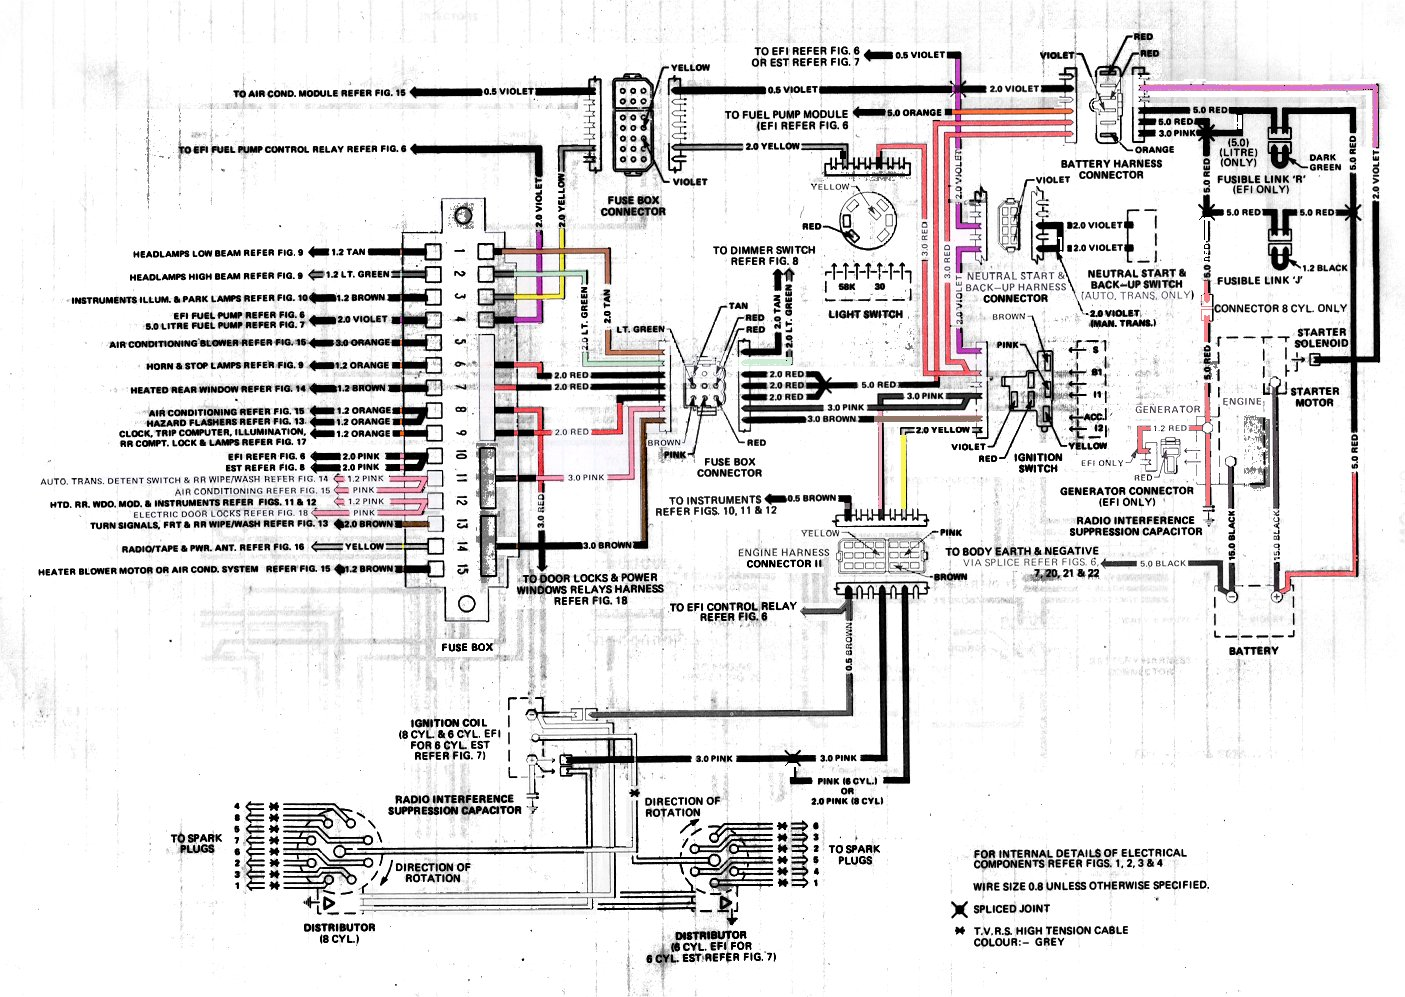 WE_3410] Holden Vt Modore Radio Wiring Vr Wiring DiagramPeted Redne Animo Isra Mohammedshrine Librar Wiring 101